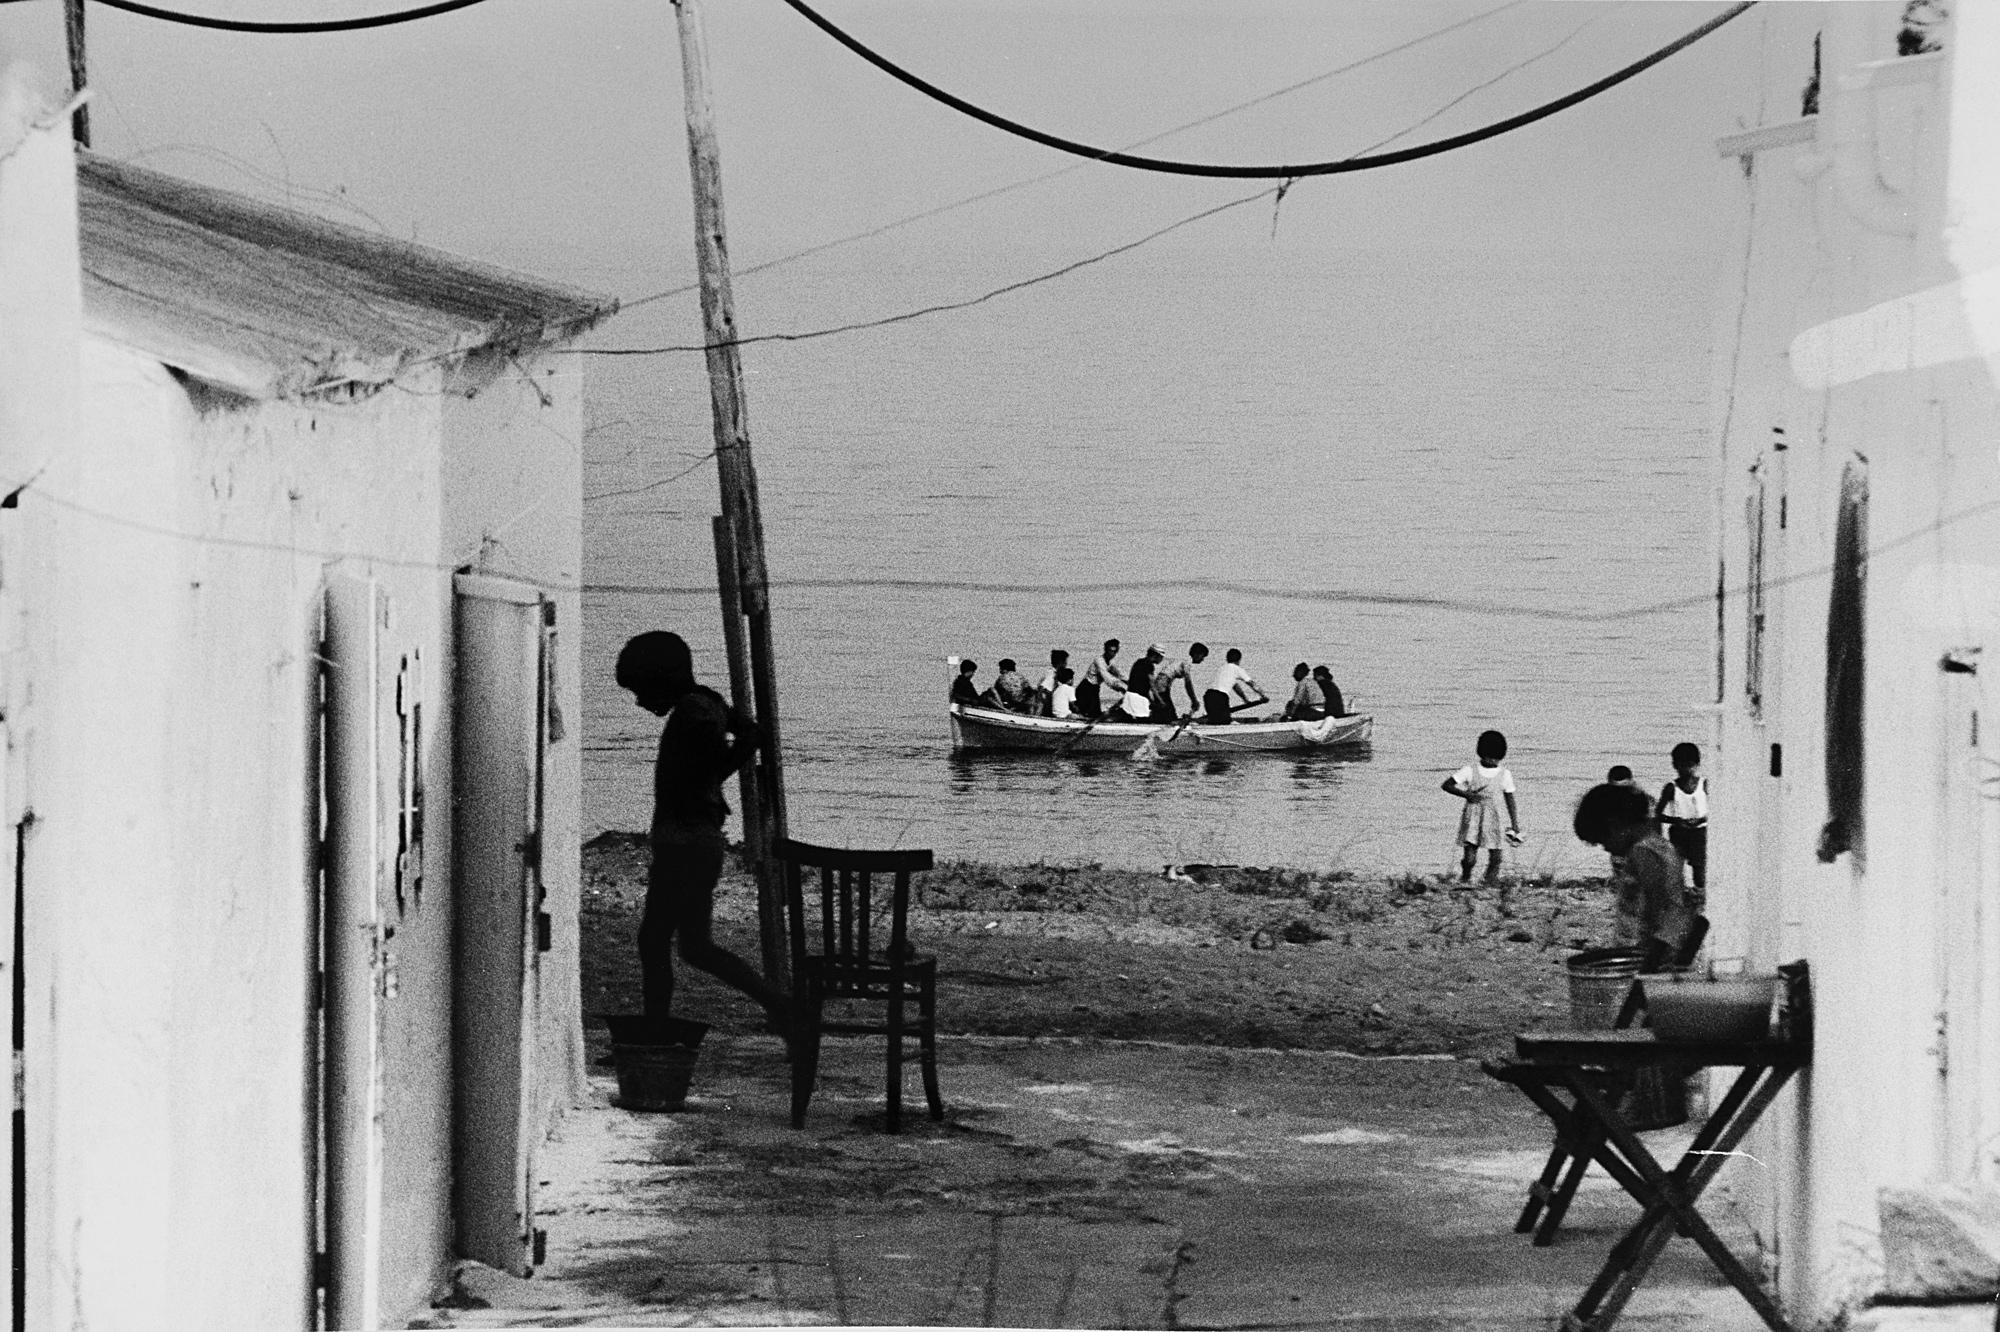 Ginosa marina, Taranto, 1970